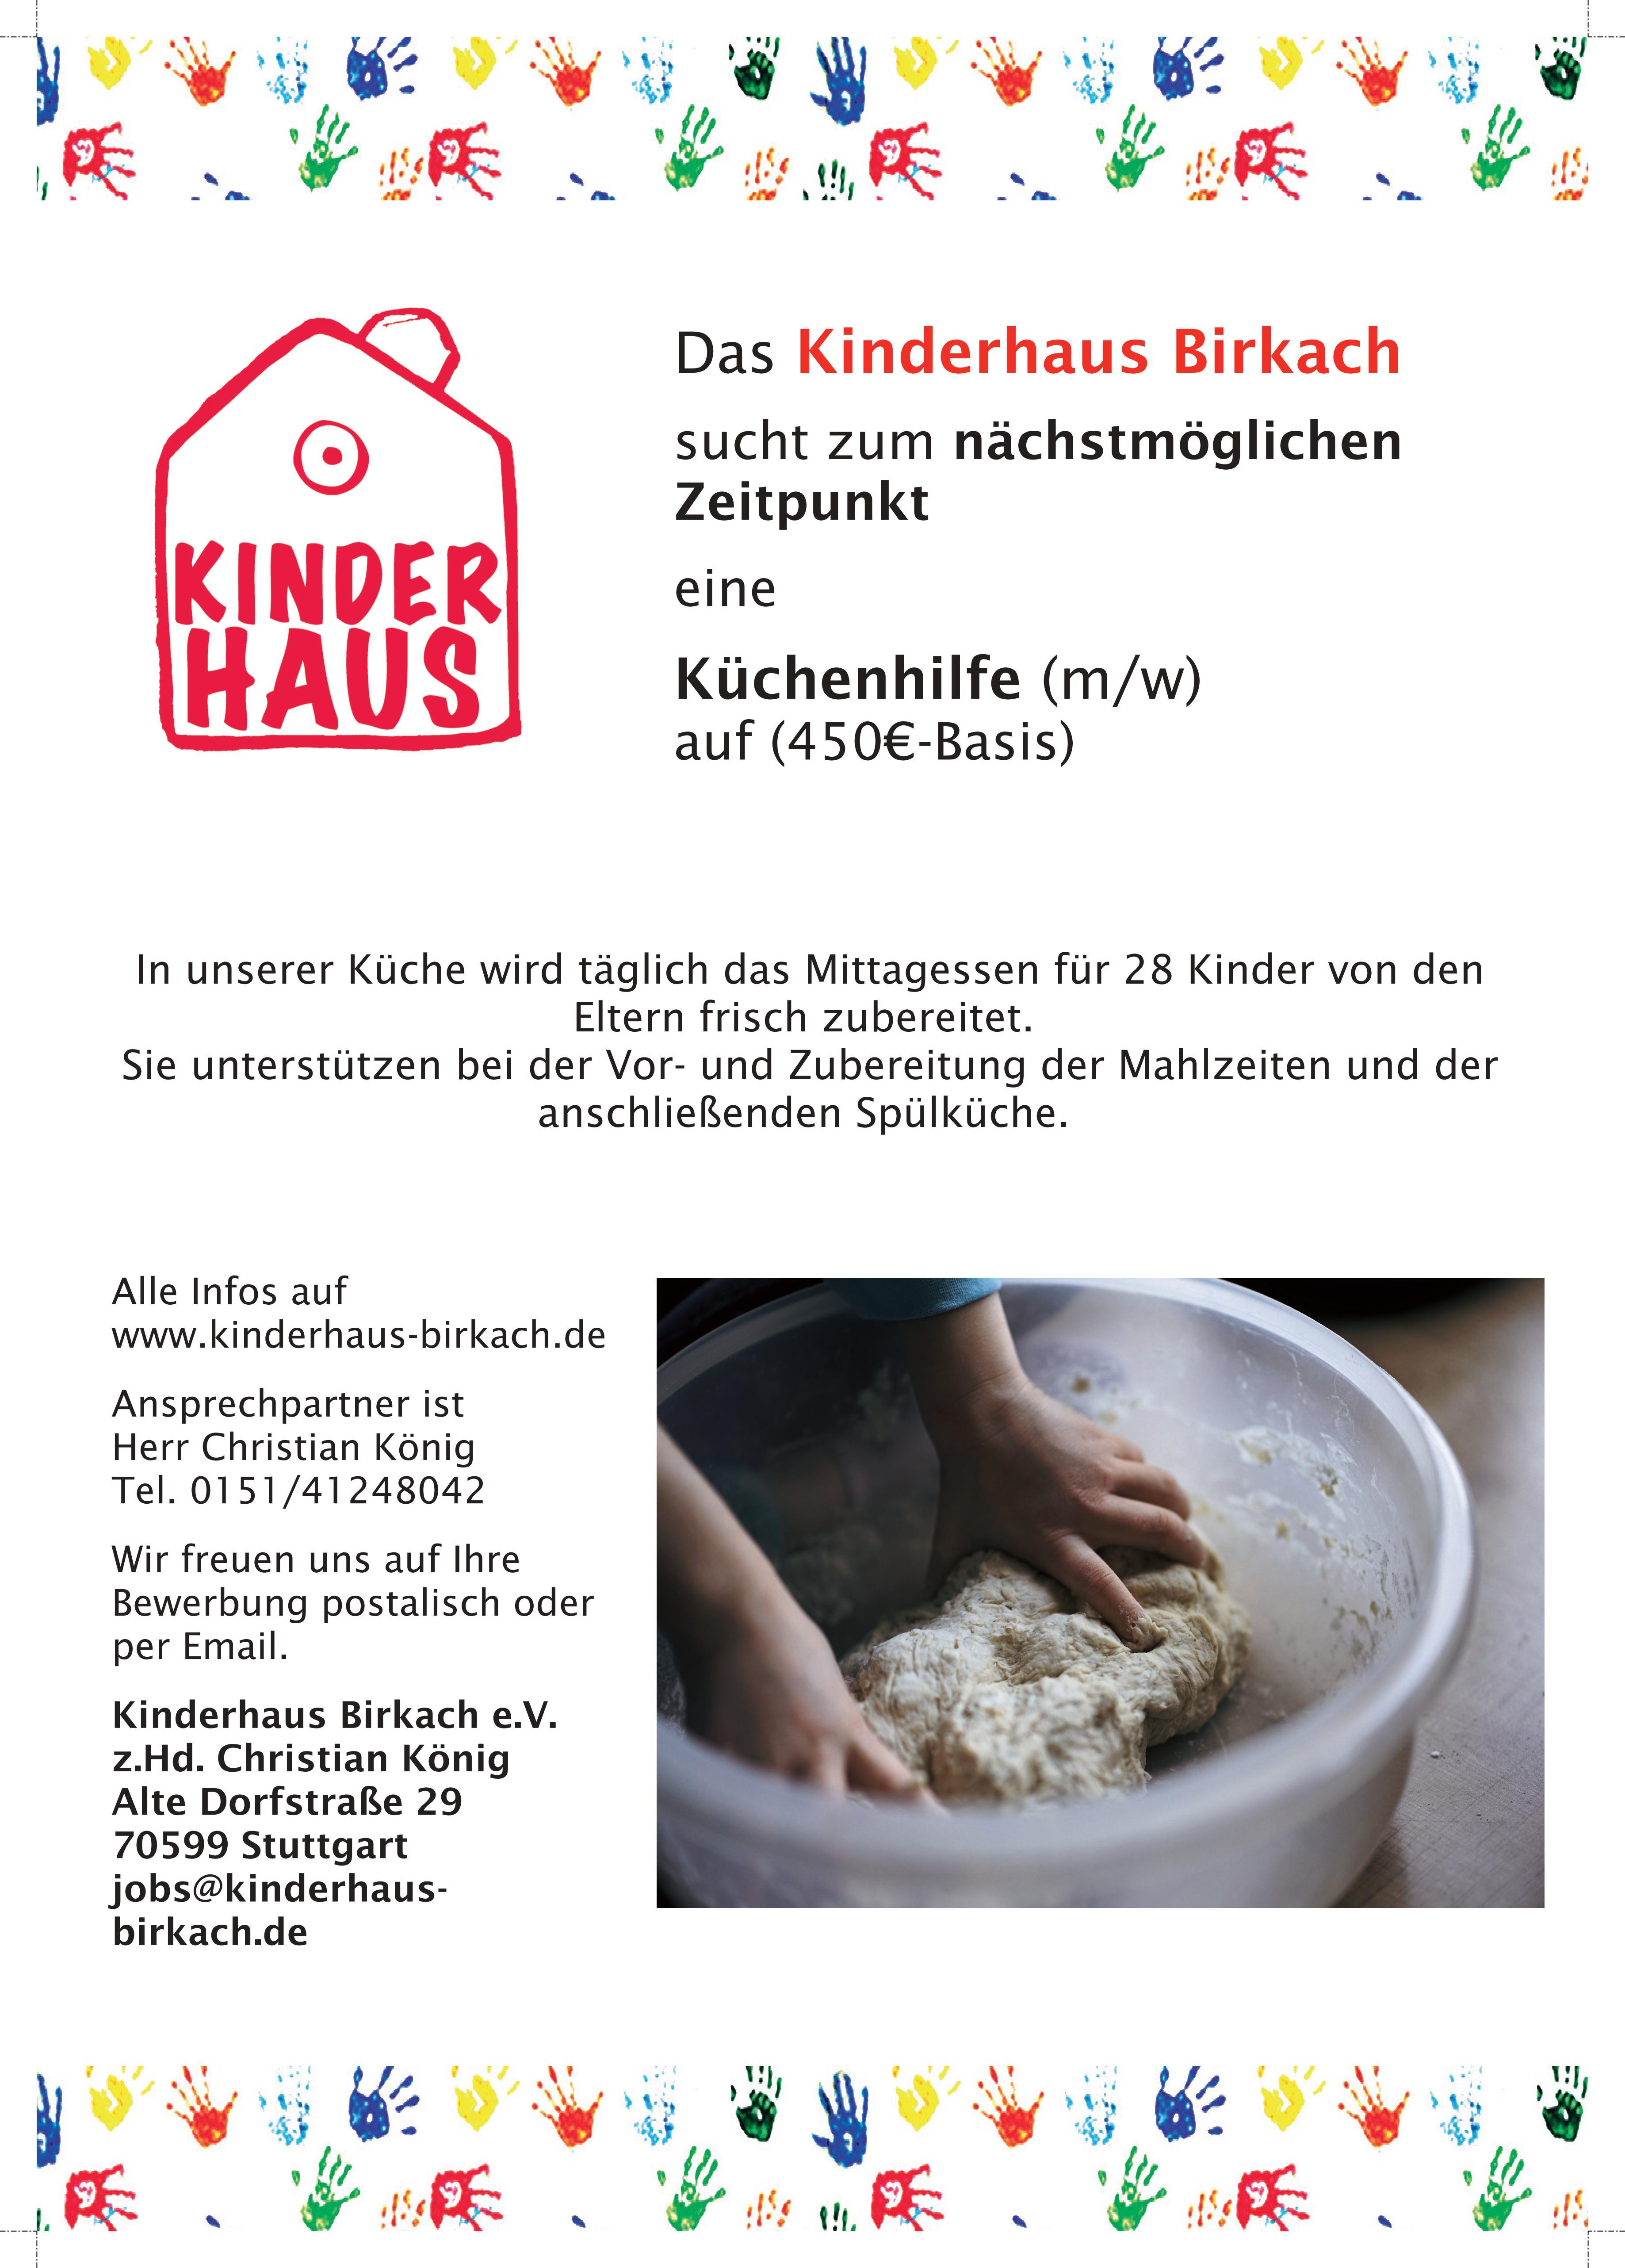 Küchenhilfe Kinderhaus Birkach